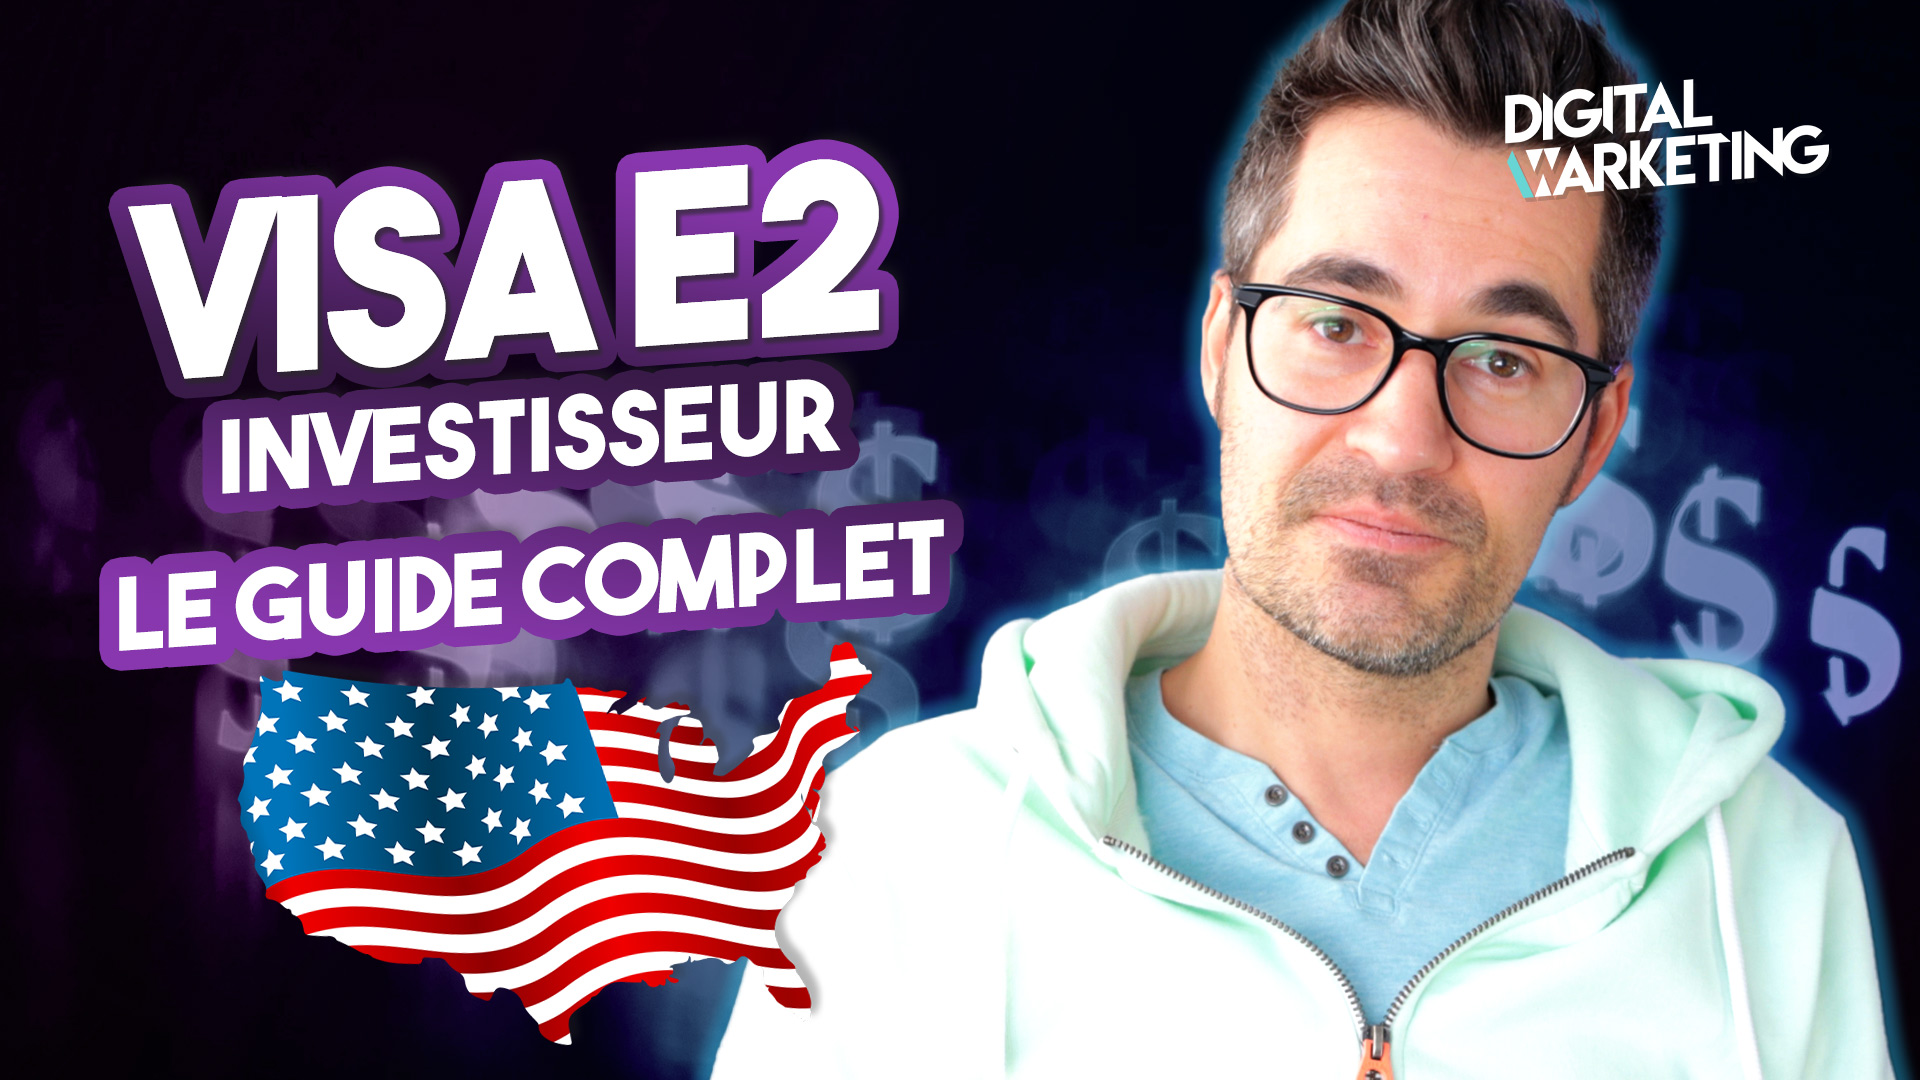 Comment obtenir un Visa E2 investisseur pour les USA – Guide complet pour travailler aux Etats-Unis